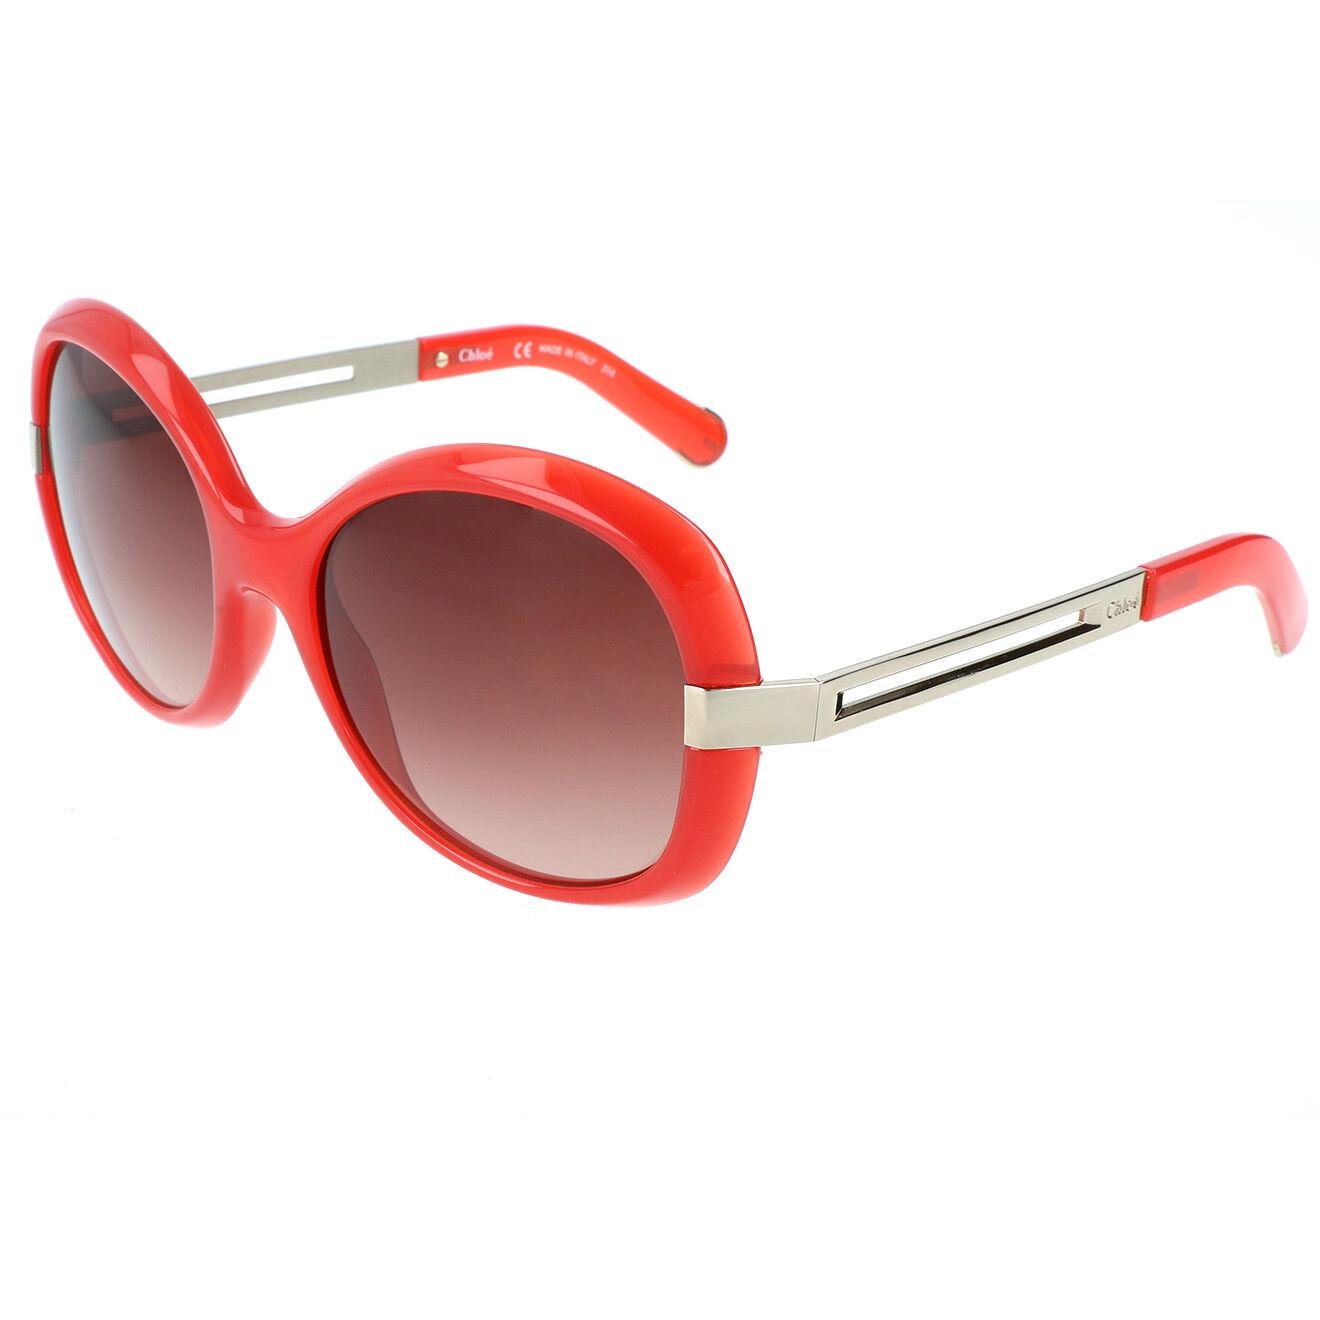 Chloé-femme-lunettes de soleil femme rouge...